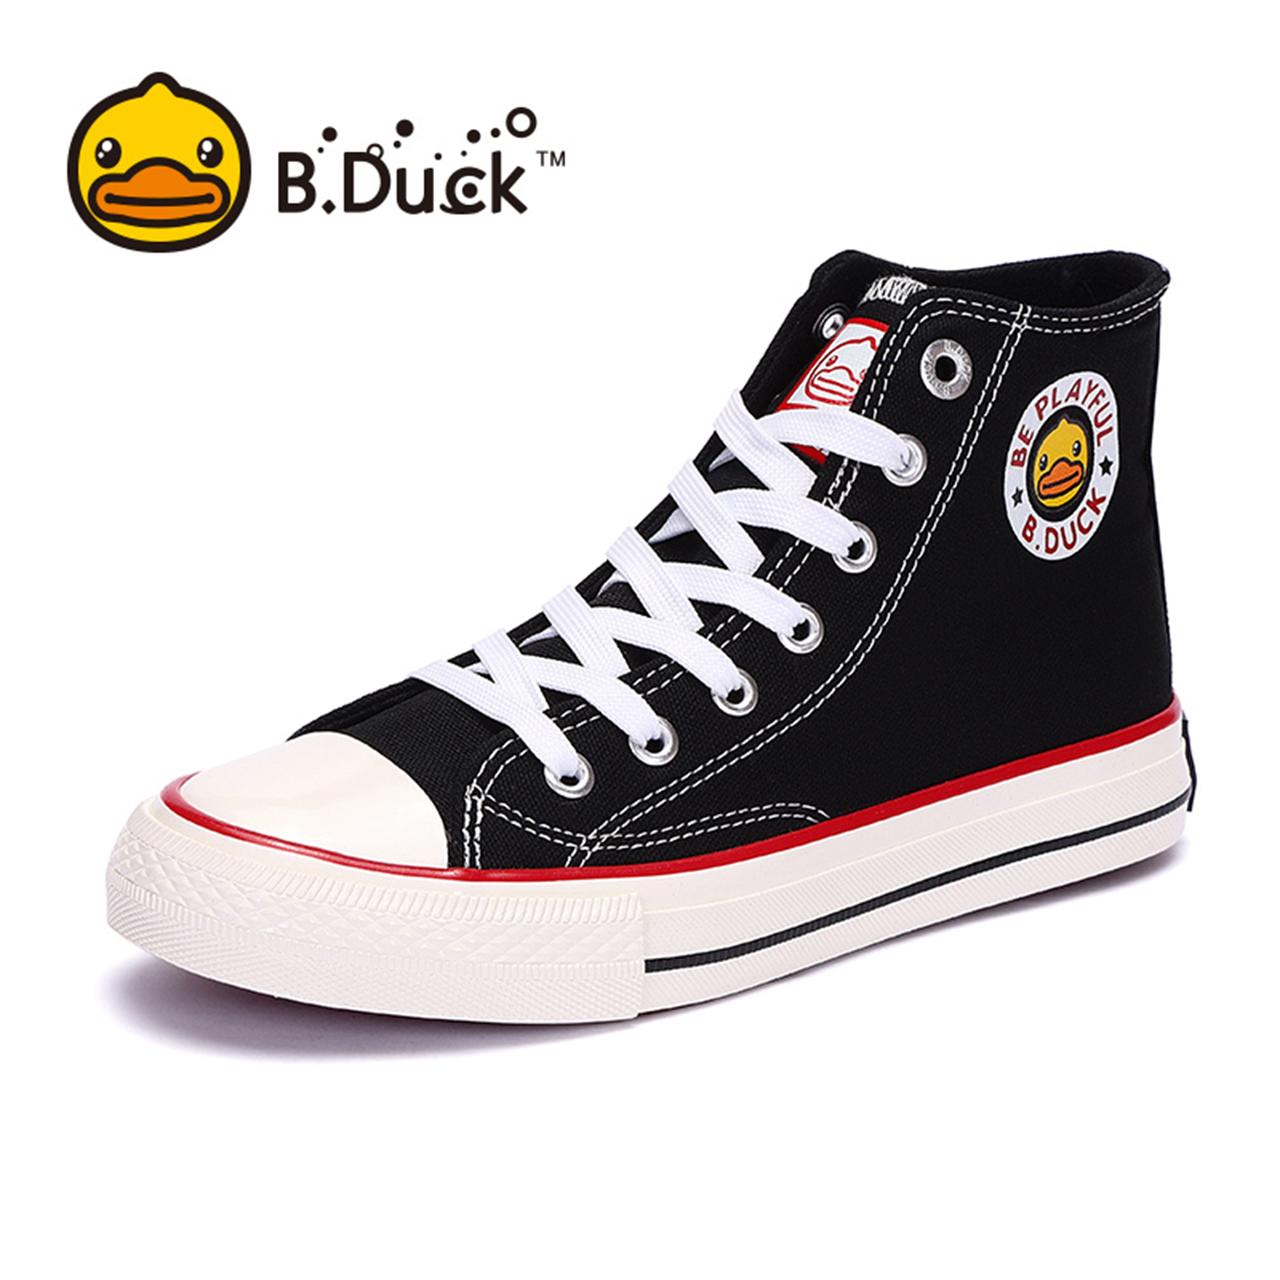 b . duck小黄鸭高帮帆布鞋百搭女鞋好不好用